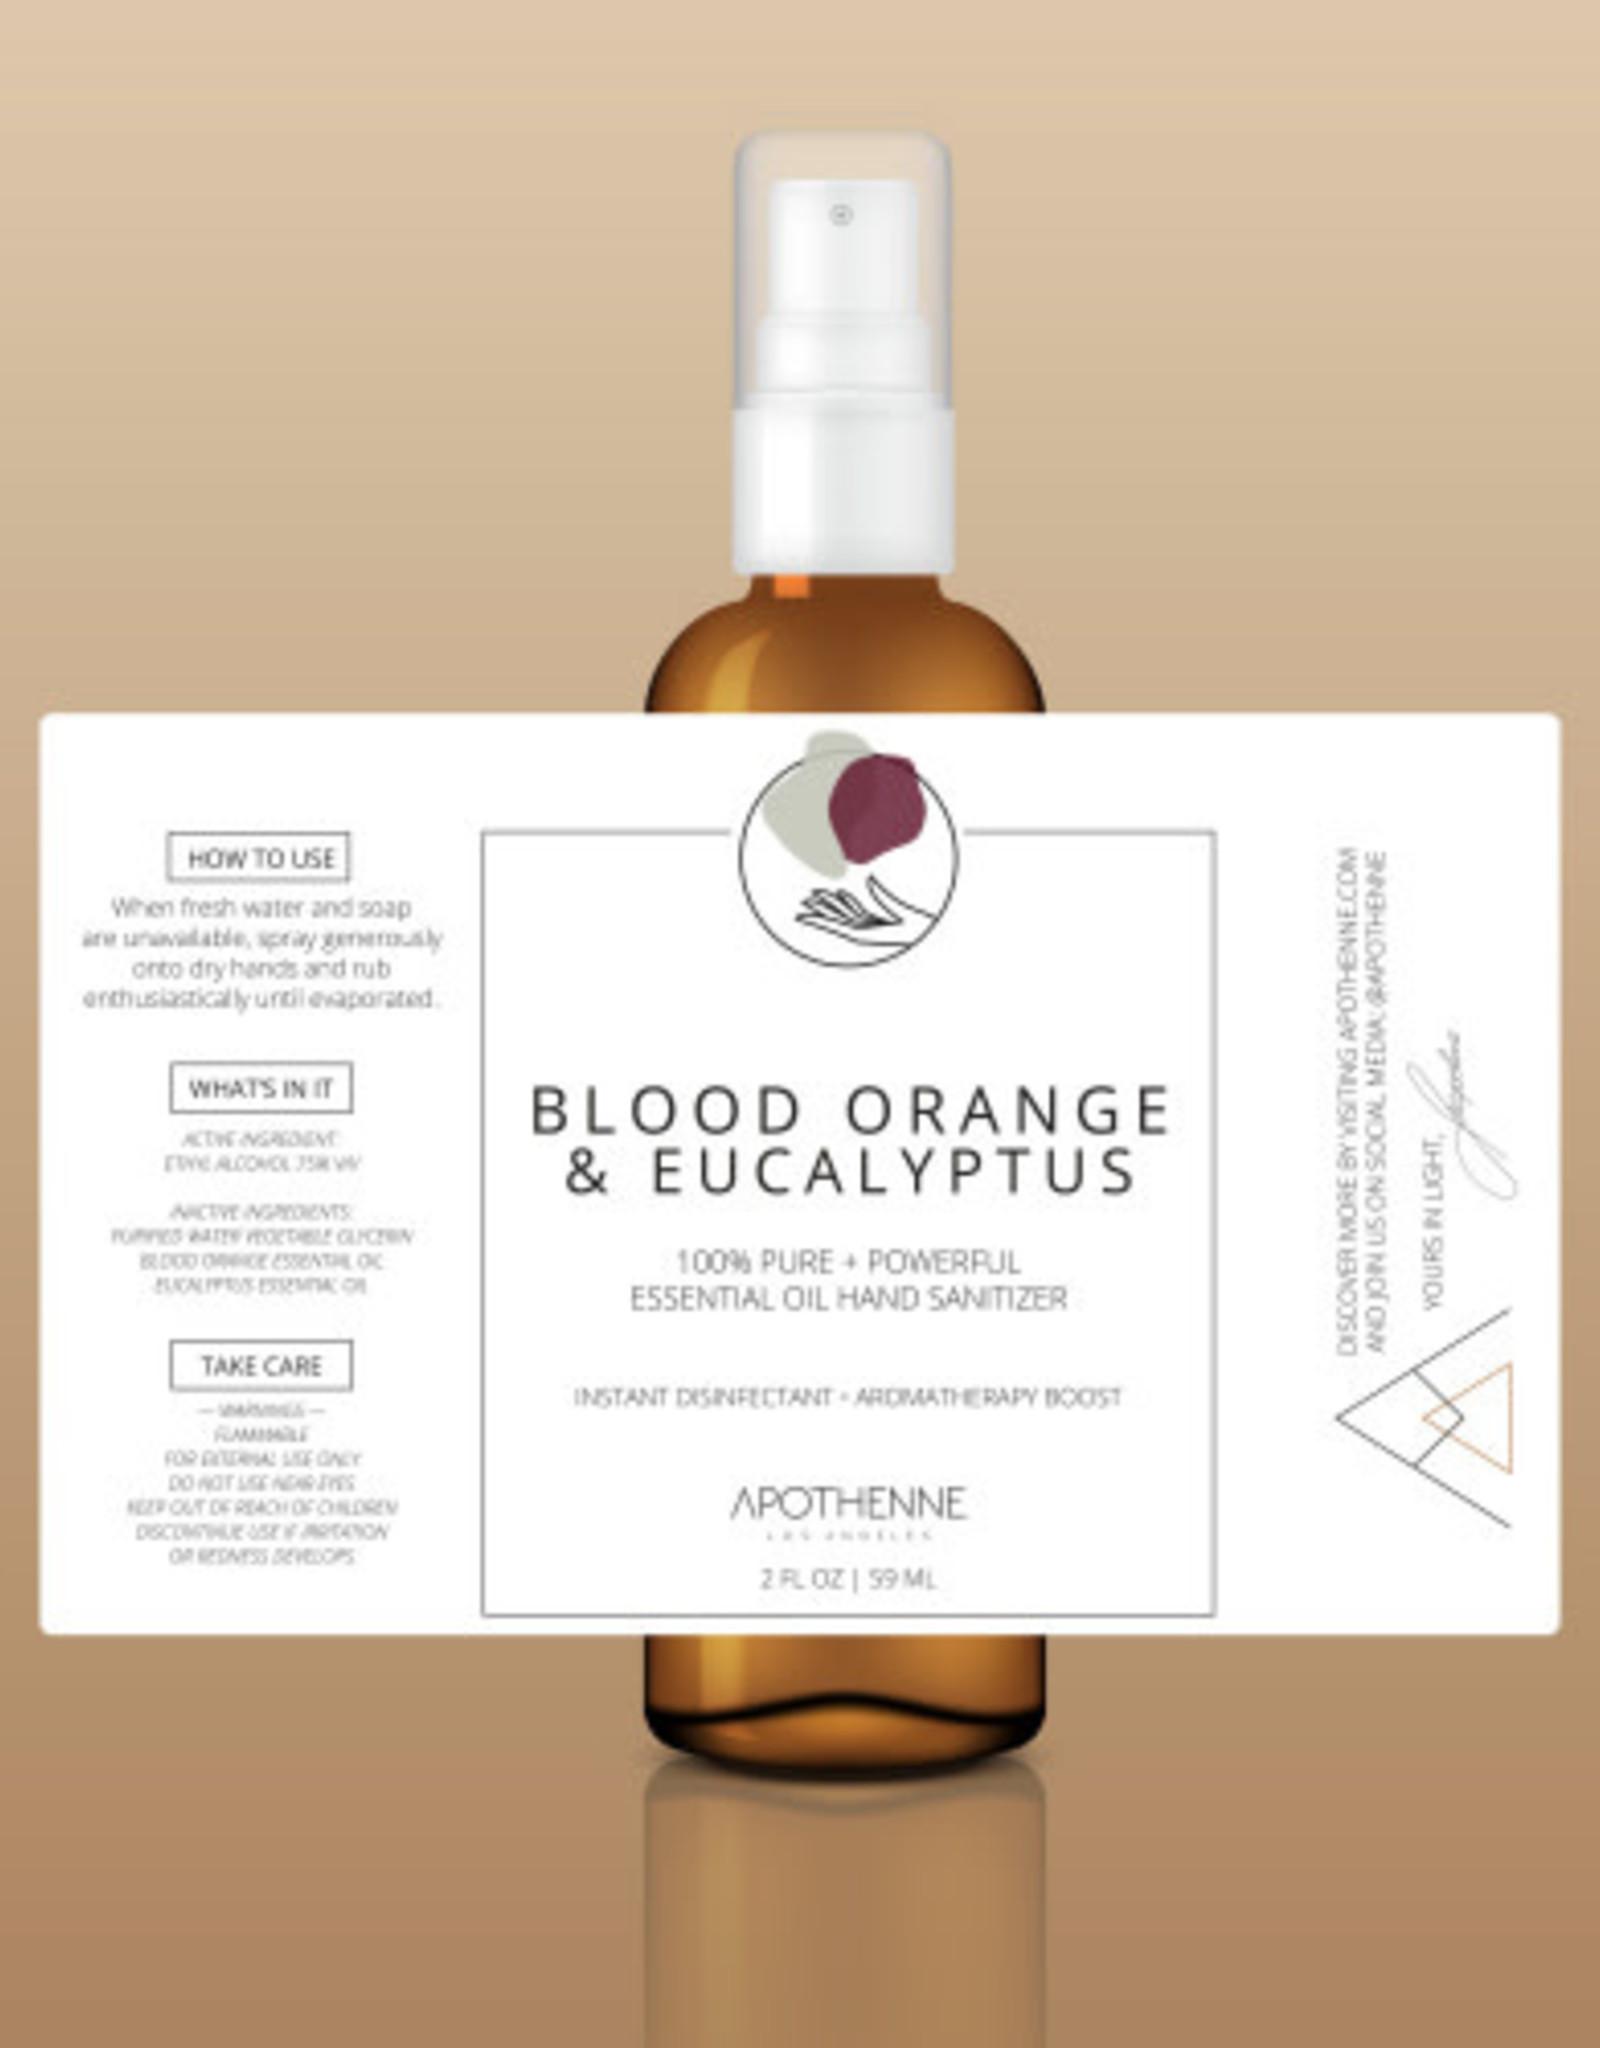 Apothenne 2 oz Hand Sanitizer Blood Orange & Eucalyptus